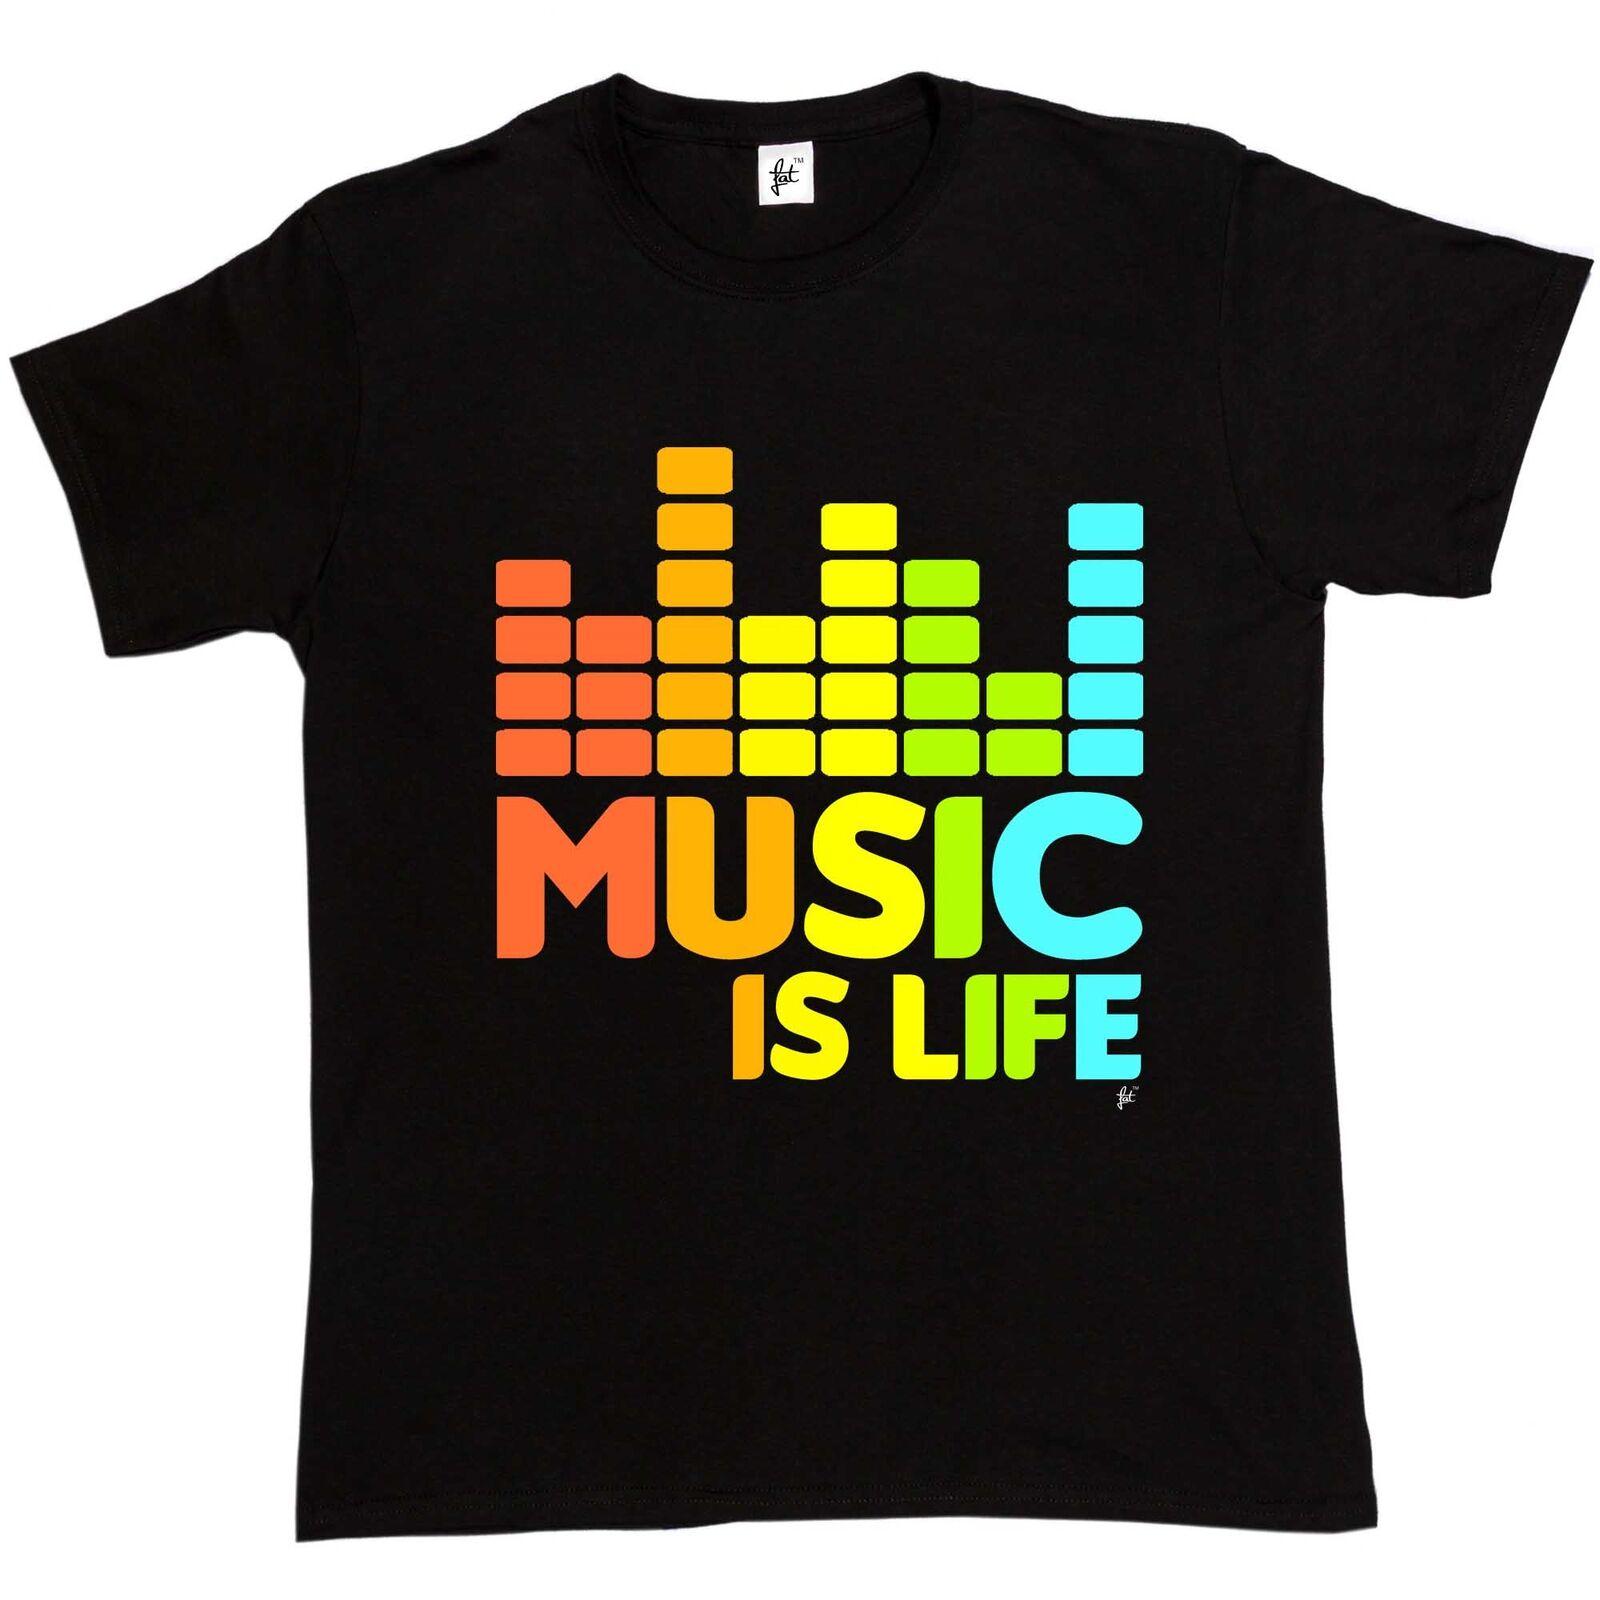 Music Is Life, baile de hip hop, Grunge, Garage Rock, Acid Beat, camiseta para hombre con estampado, camiseta 2019, camiseta de marca a la moda